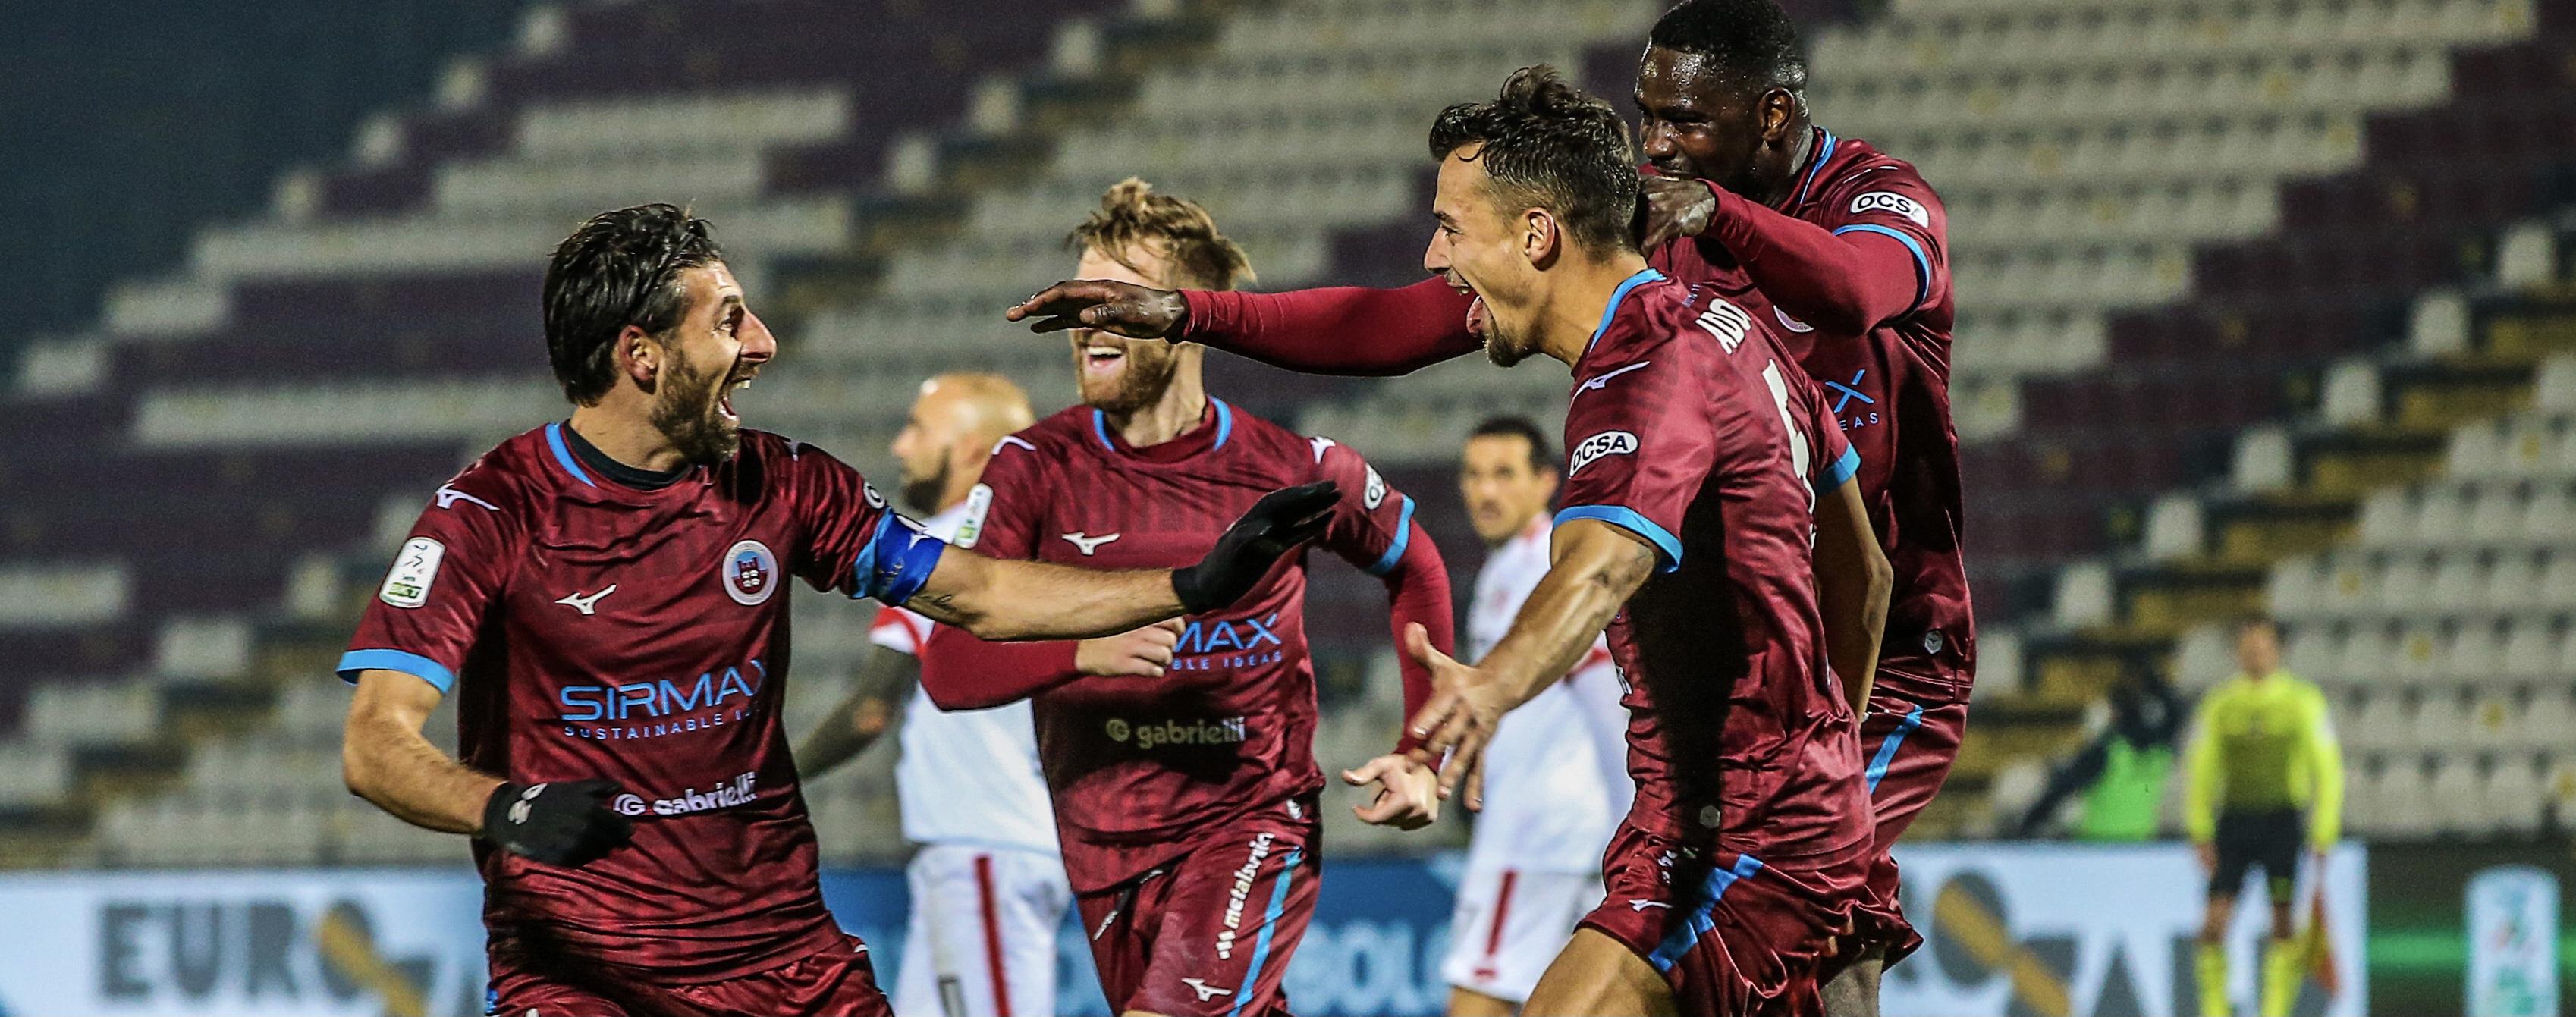 Cittadella – LR Vicenza 3 – 0